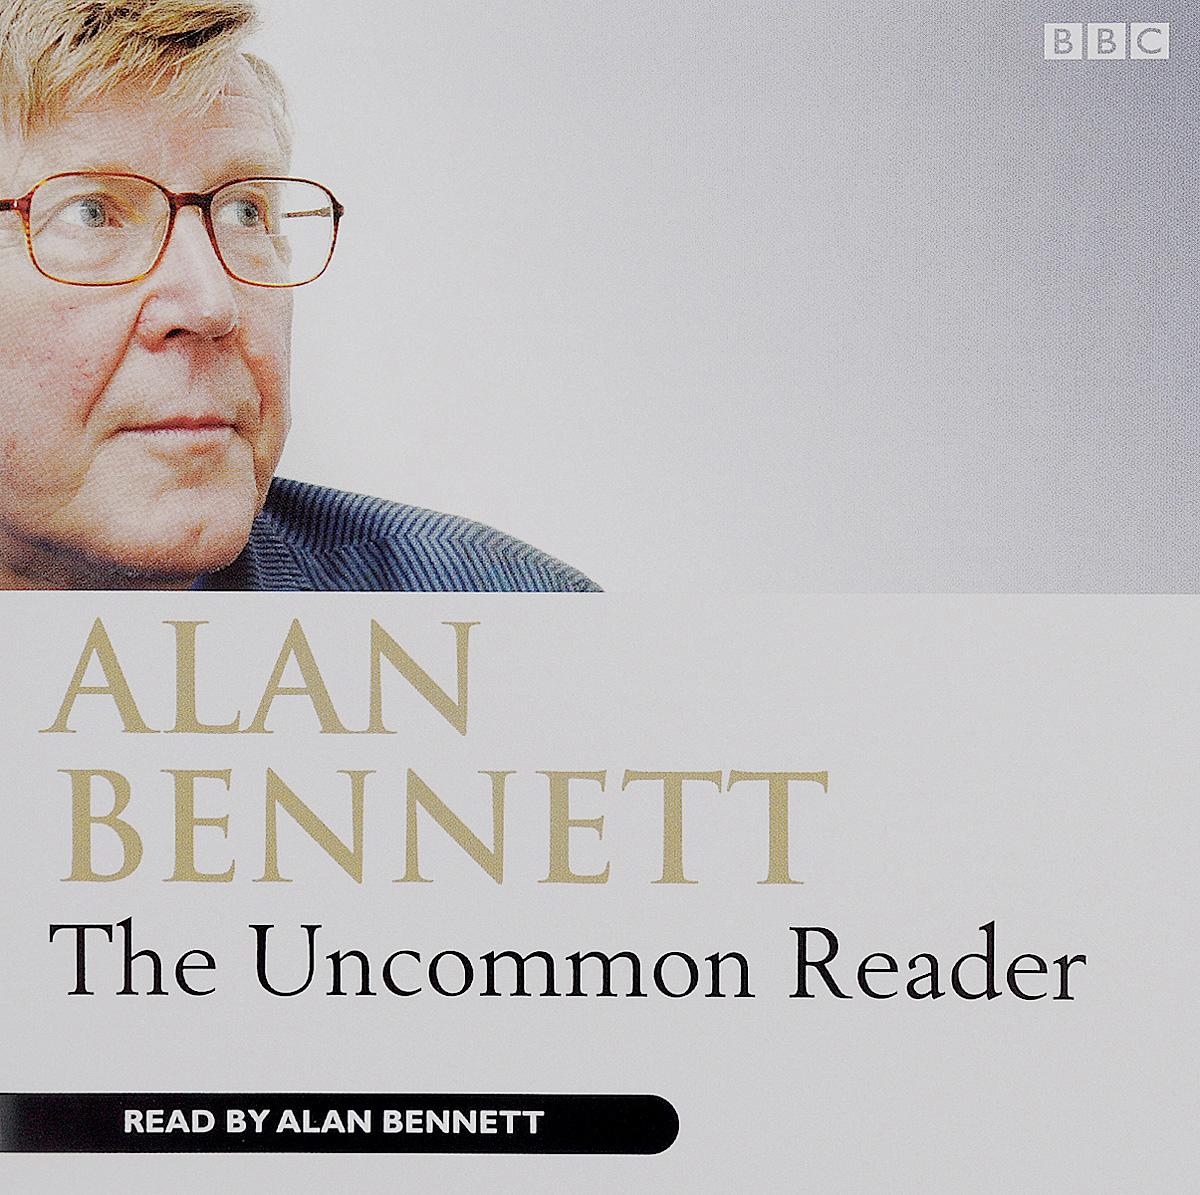 The Uncommon Reader (аудиокнига на 2 CD)